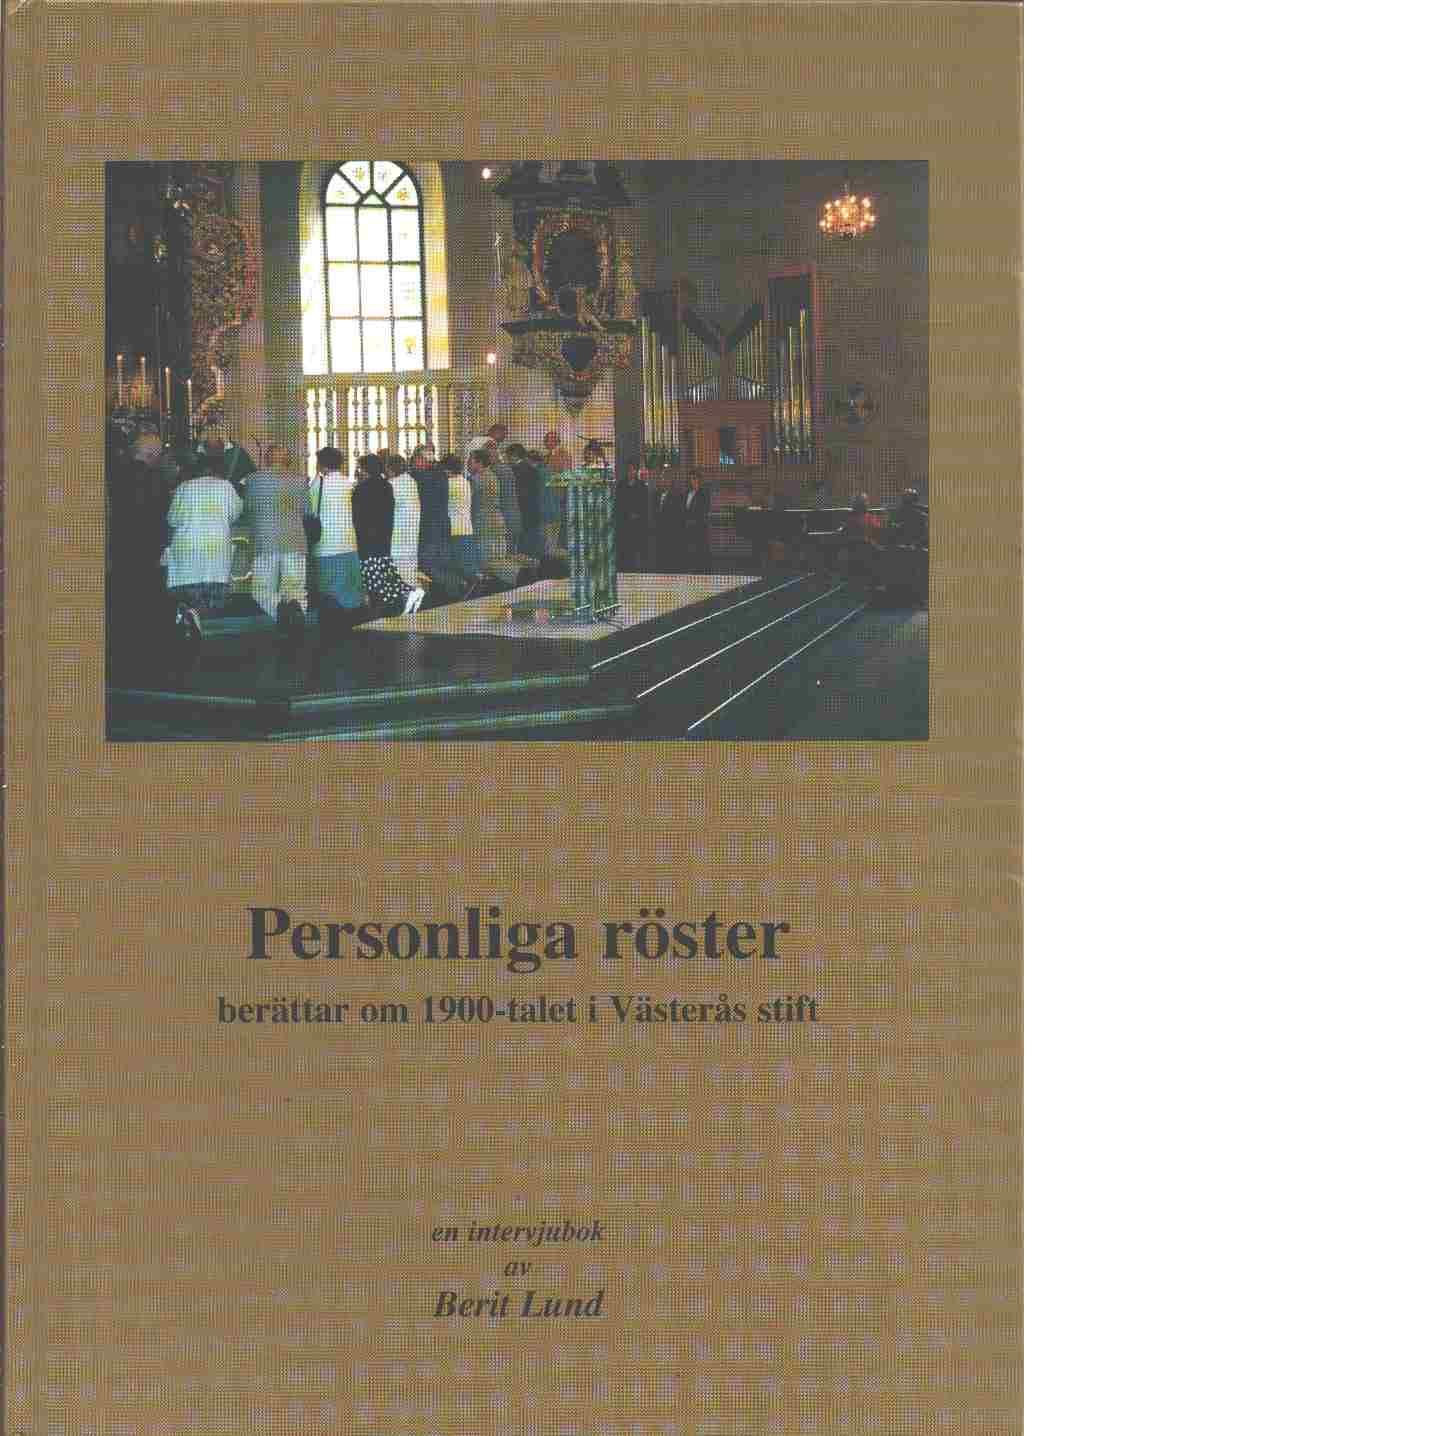 Personliga röster berättar om 1900-talet i Västerås stift : en intervjubok - Lund, Berit